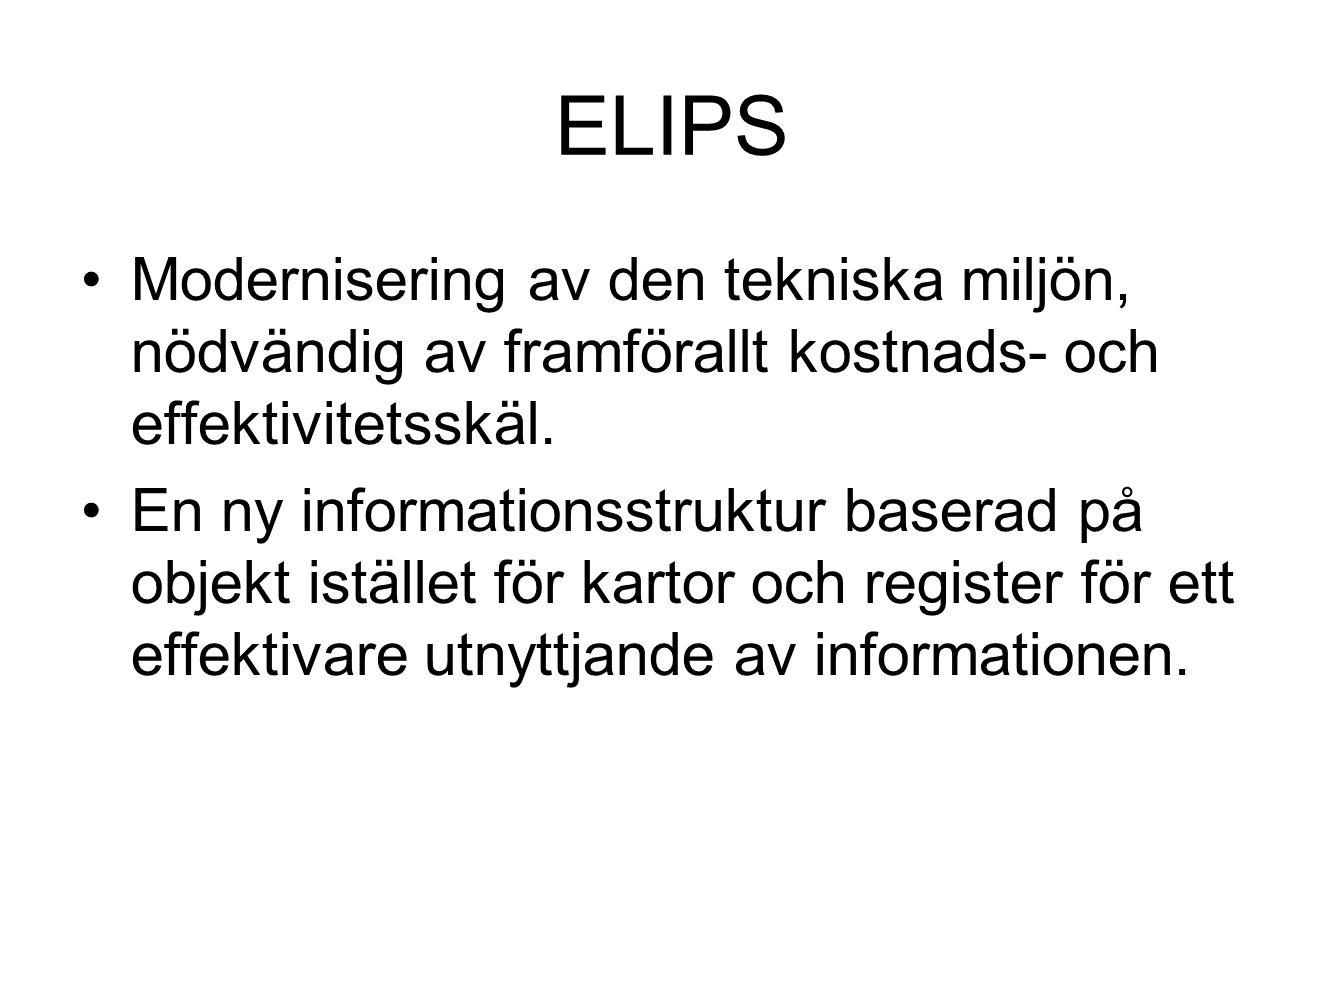 ELIPS Modernisering av den tekniska miljön, nödvändig av framförallt kostnads- och effektivitetsskäl.